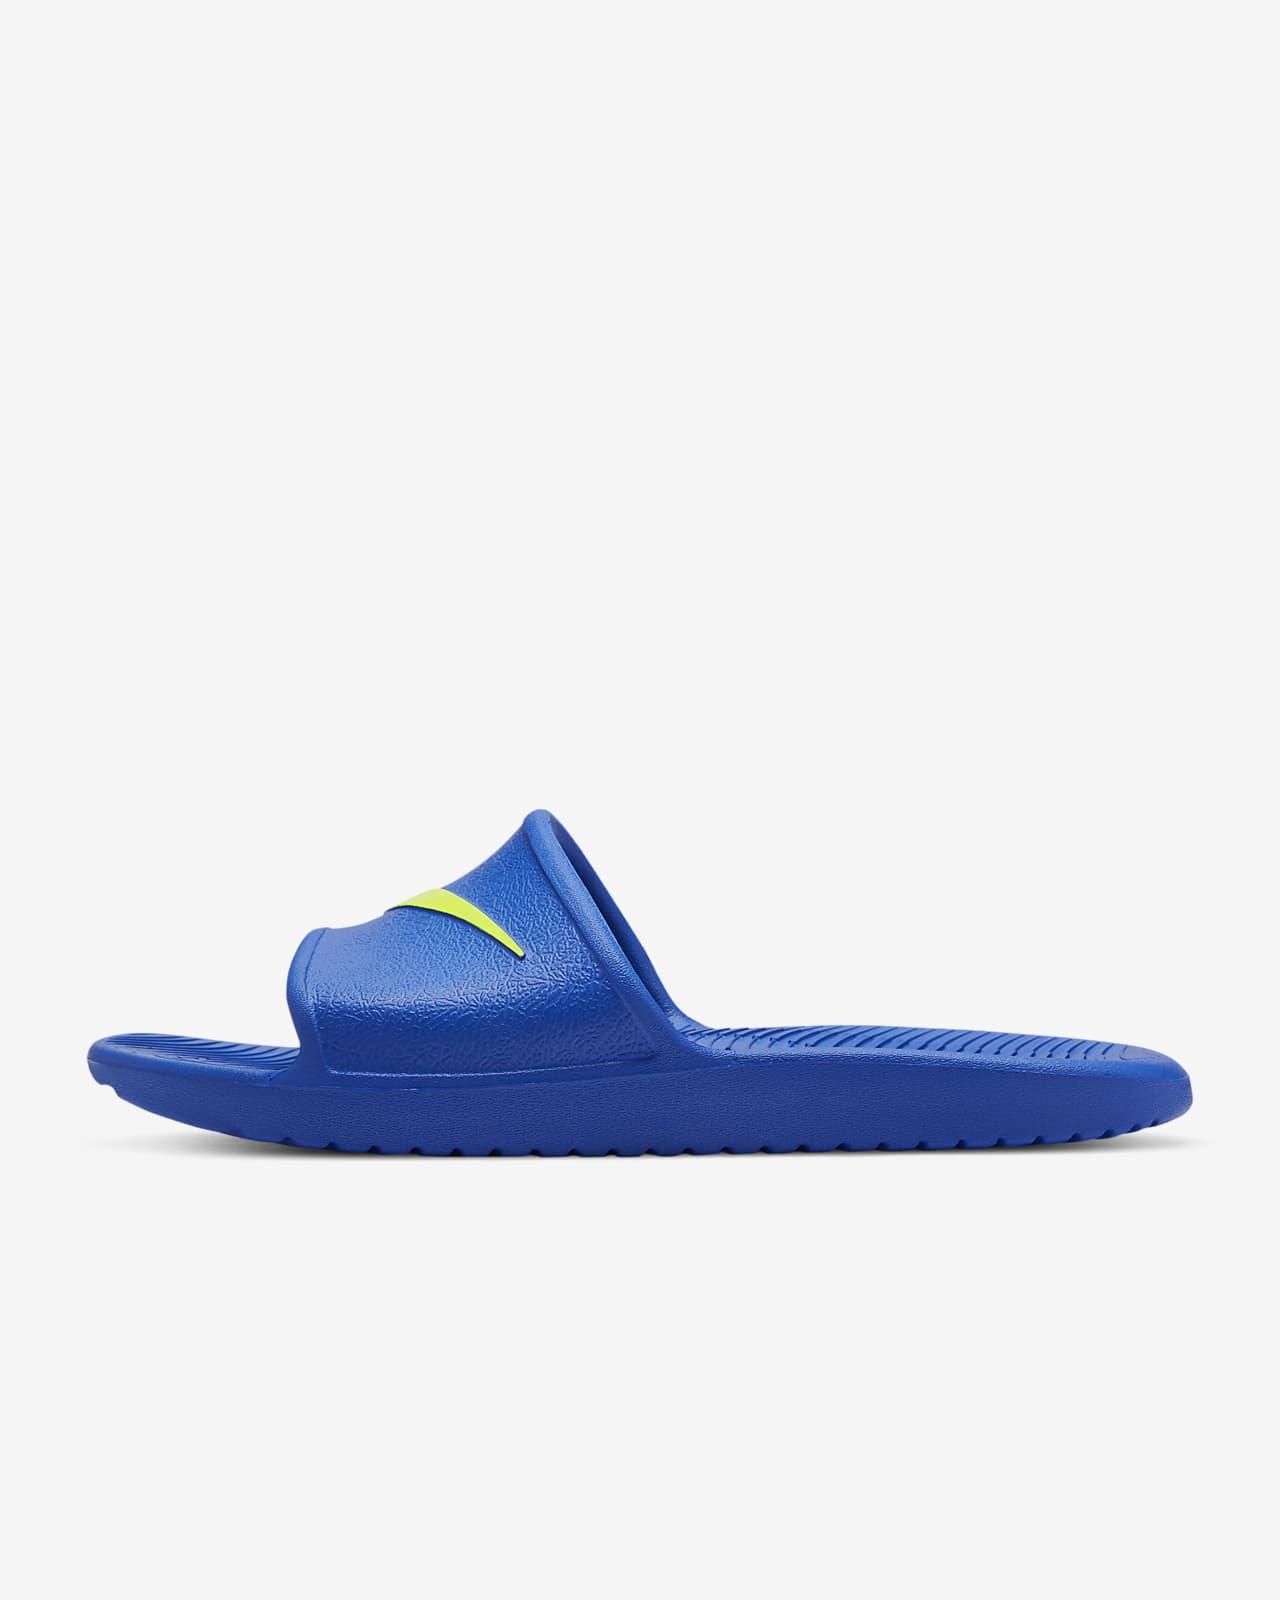 รองเท้าแตะผู้ชายสำหรับอาบน้ำ Nike Kawa